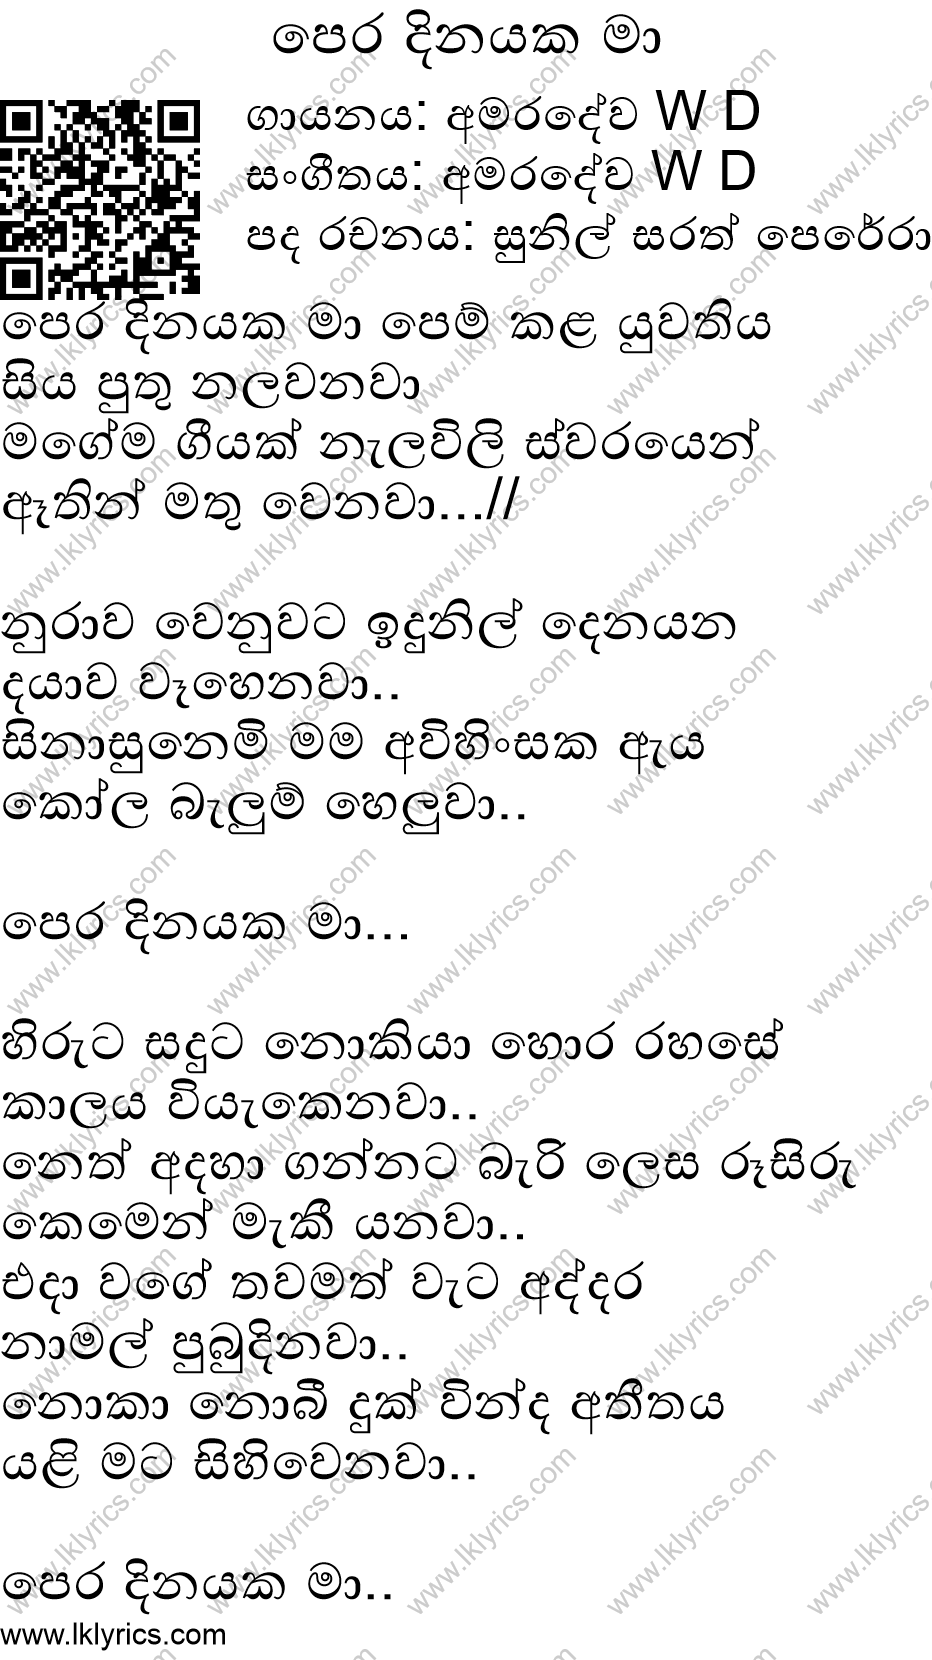 Pera Dinayaka Maa Lyrics - LK Lyrics